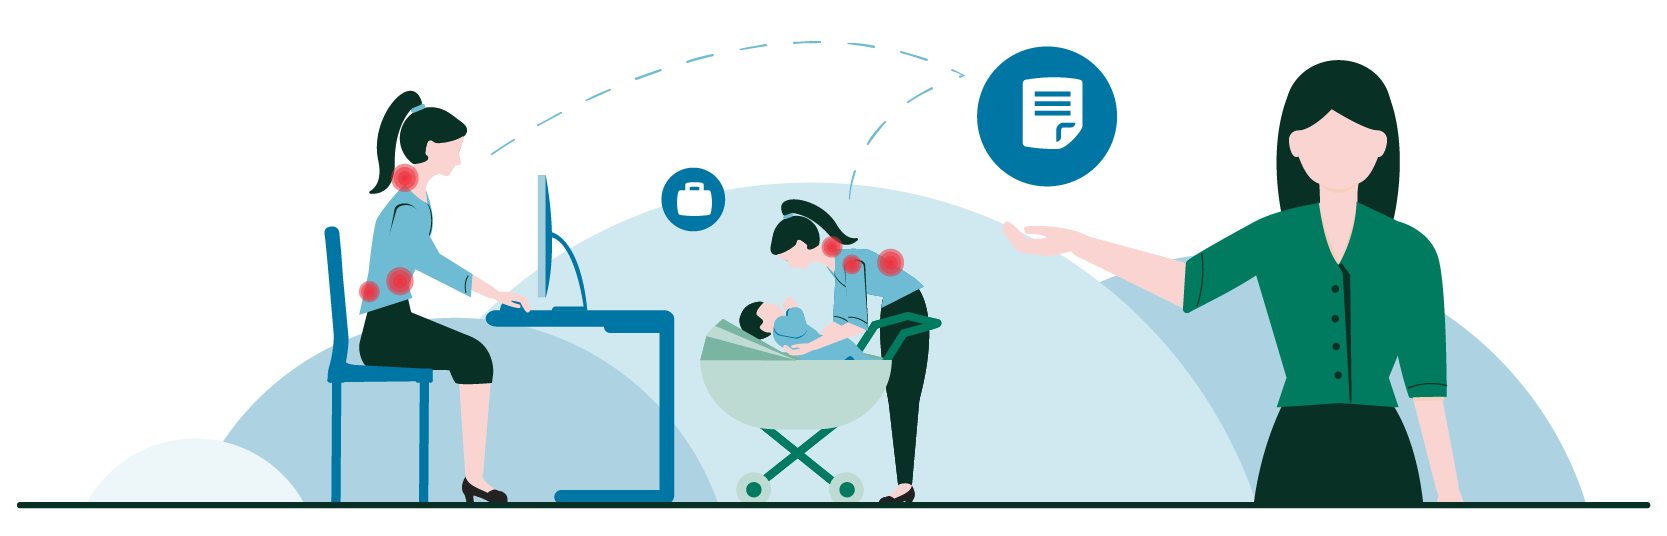 spot-illustrasjoner-RGB__dokumentasjon-risiko-arbeid-ergonomi